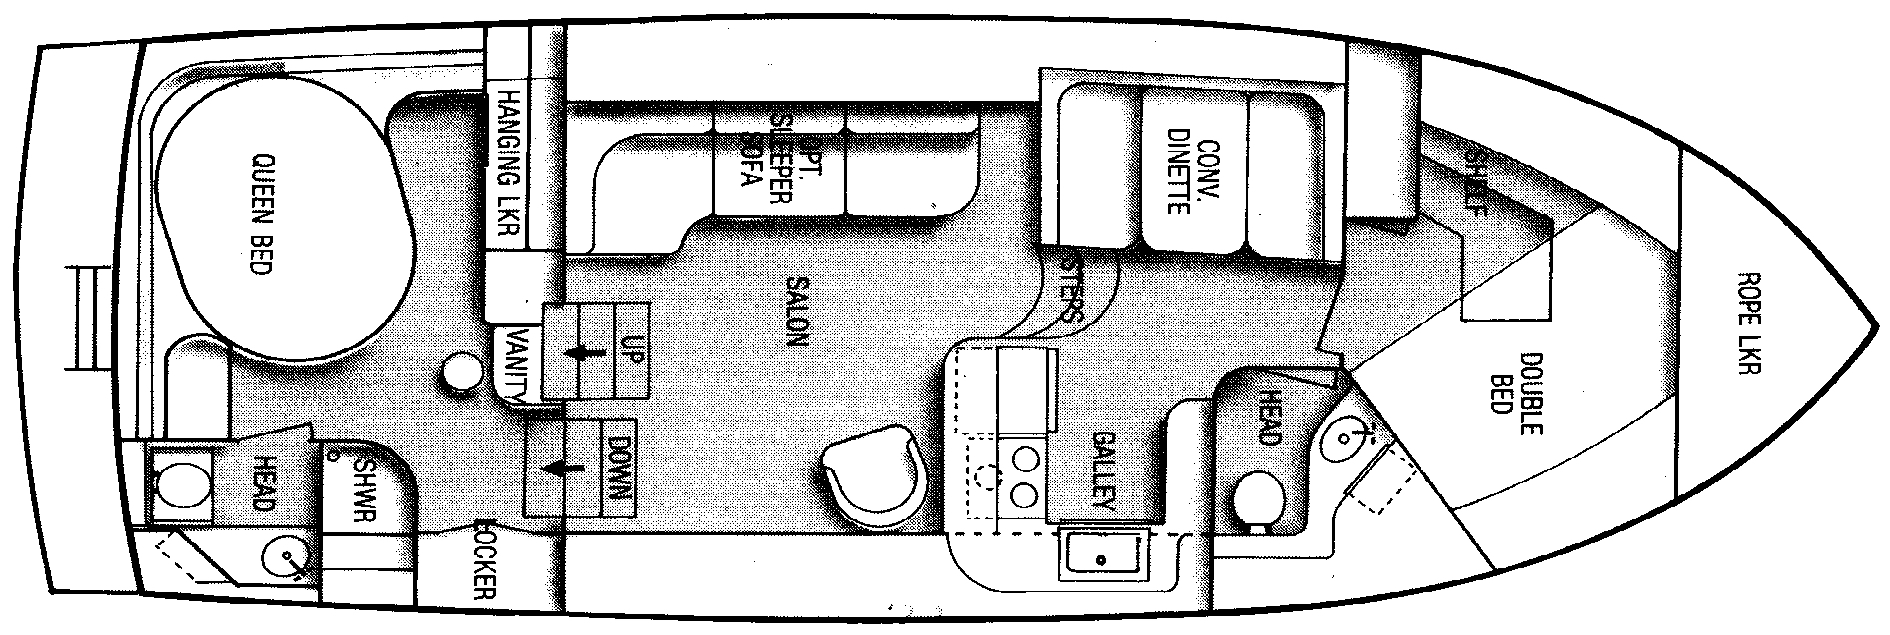 372 Catalina Floor Plan 1